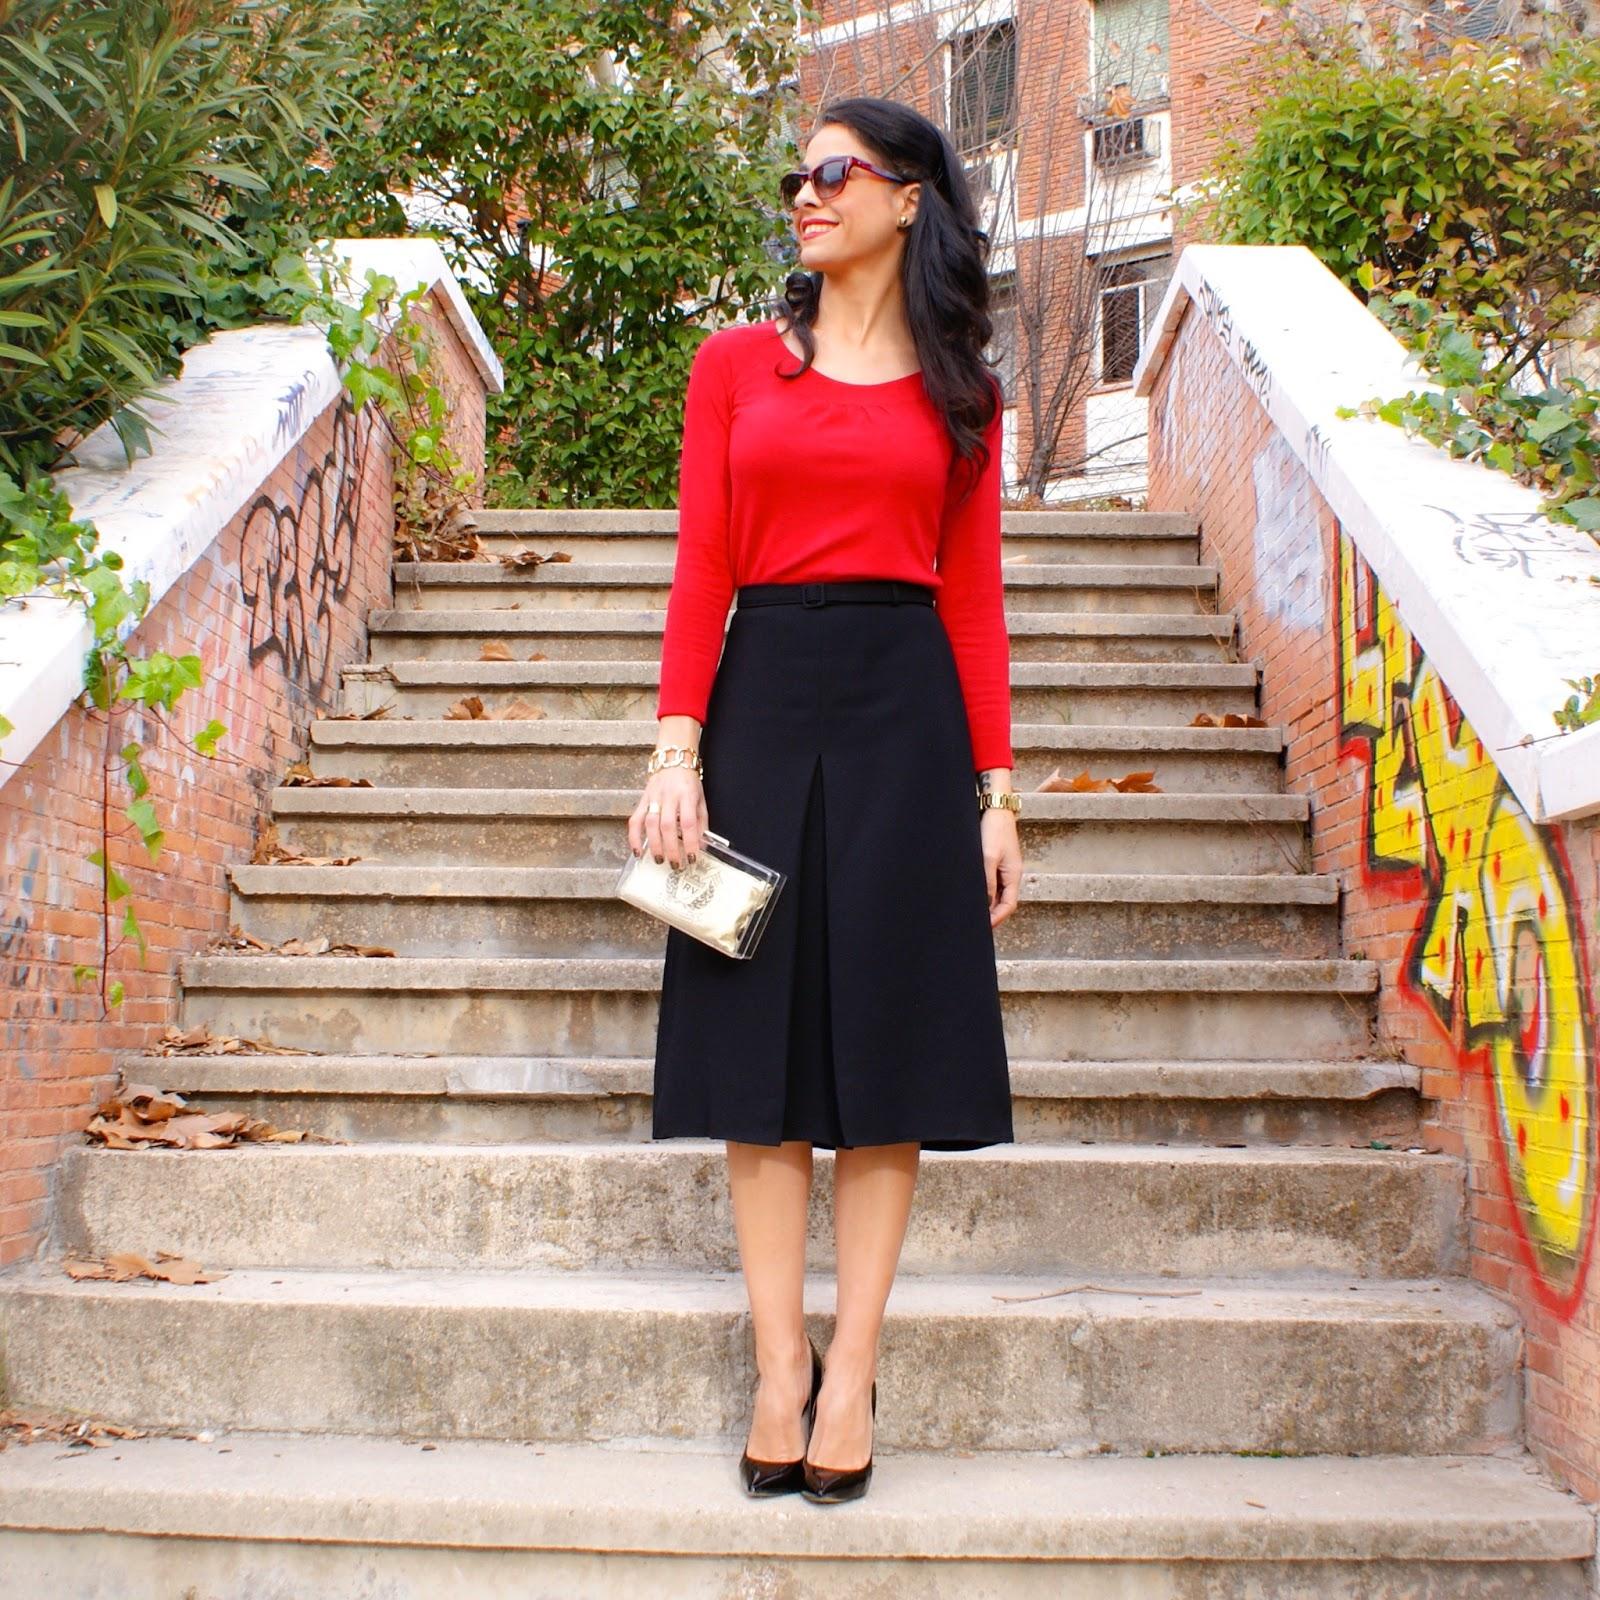 6978820ede La falda midi y el jersey rojo son de MANGO. La falda la compré a principio  de temporada y es una de mis favoritas